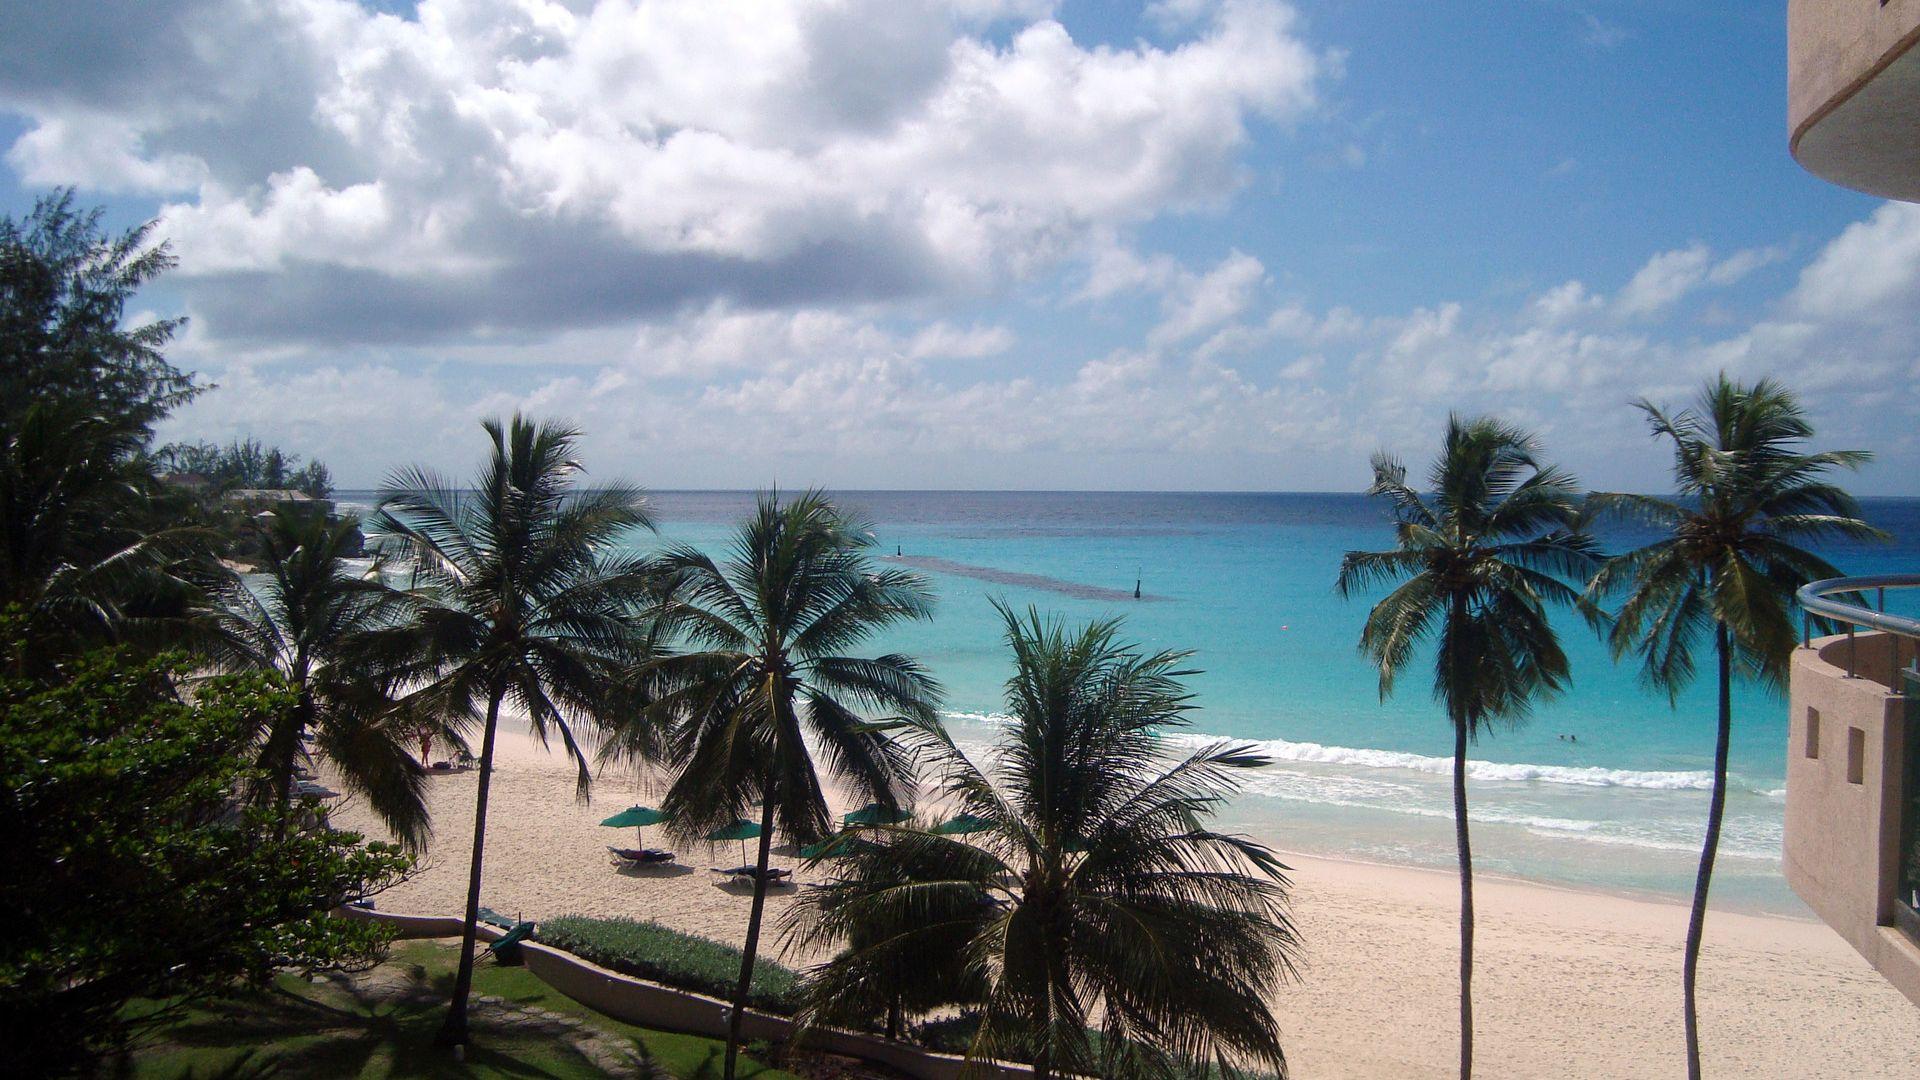 Revelion 2022 - Sejur plaja Barbados, 9 zile